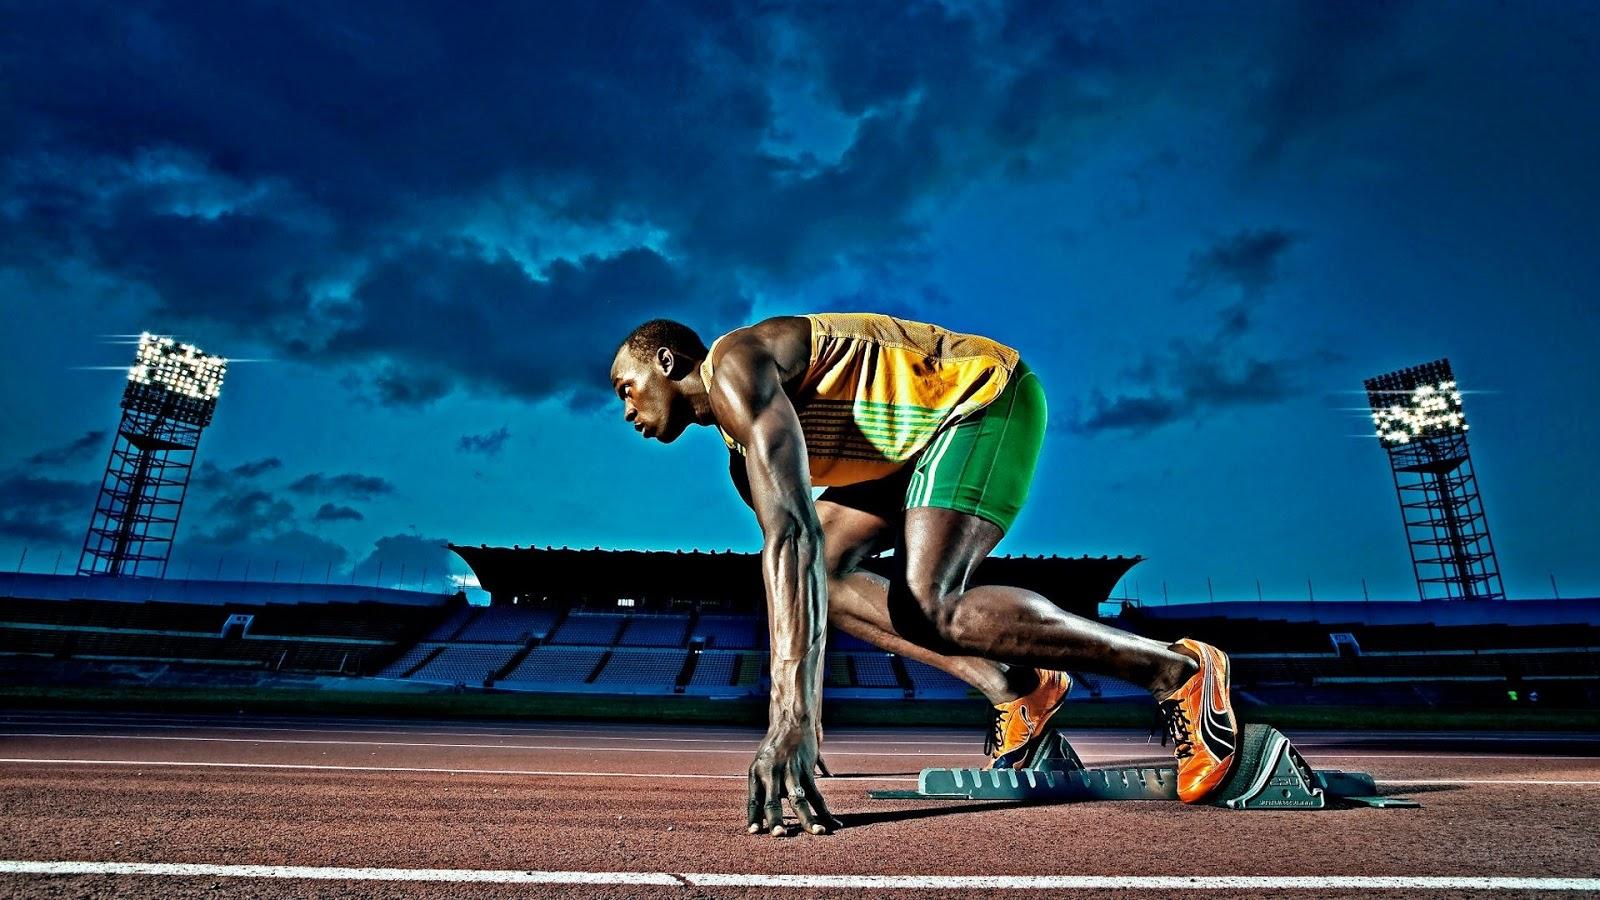 sport hd wallpaper hd